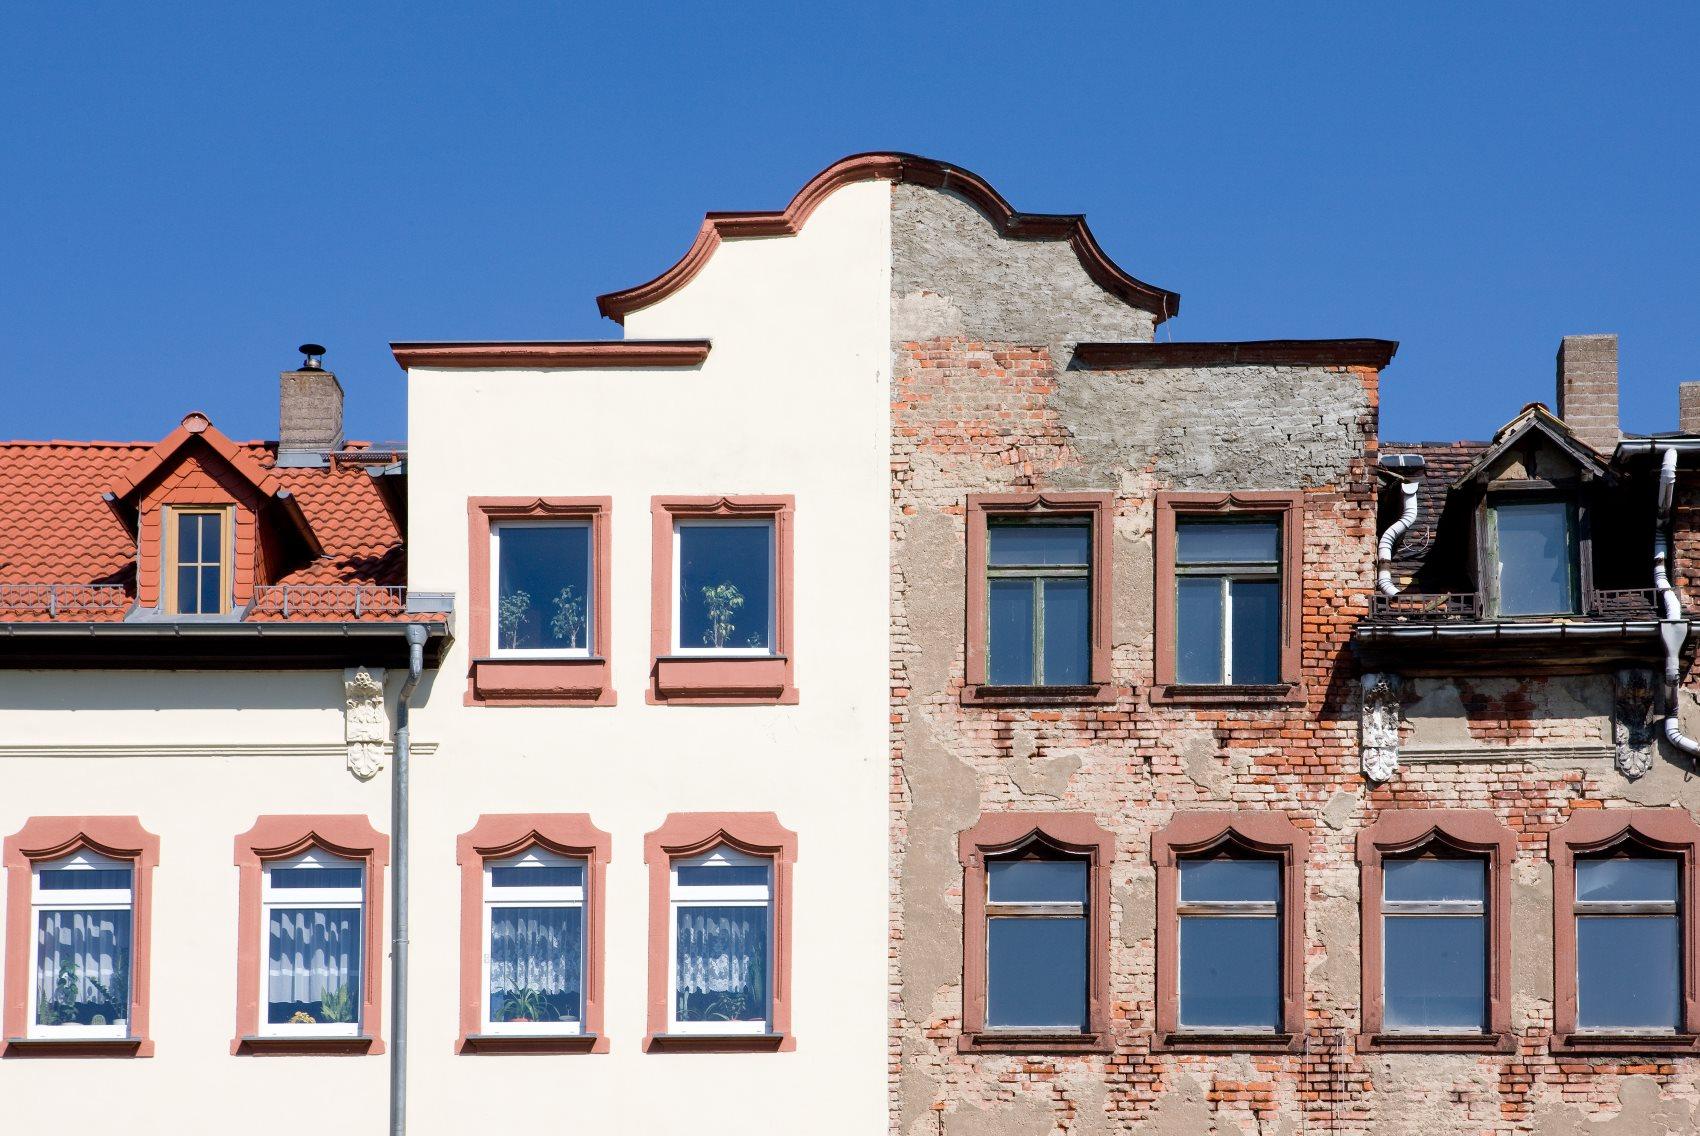 Fenstersanierung altes Haus